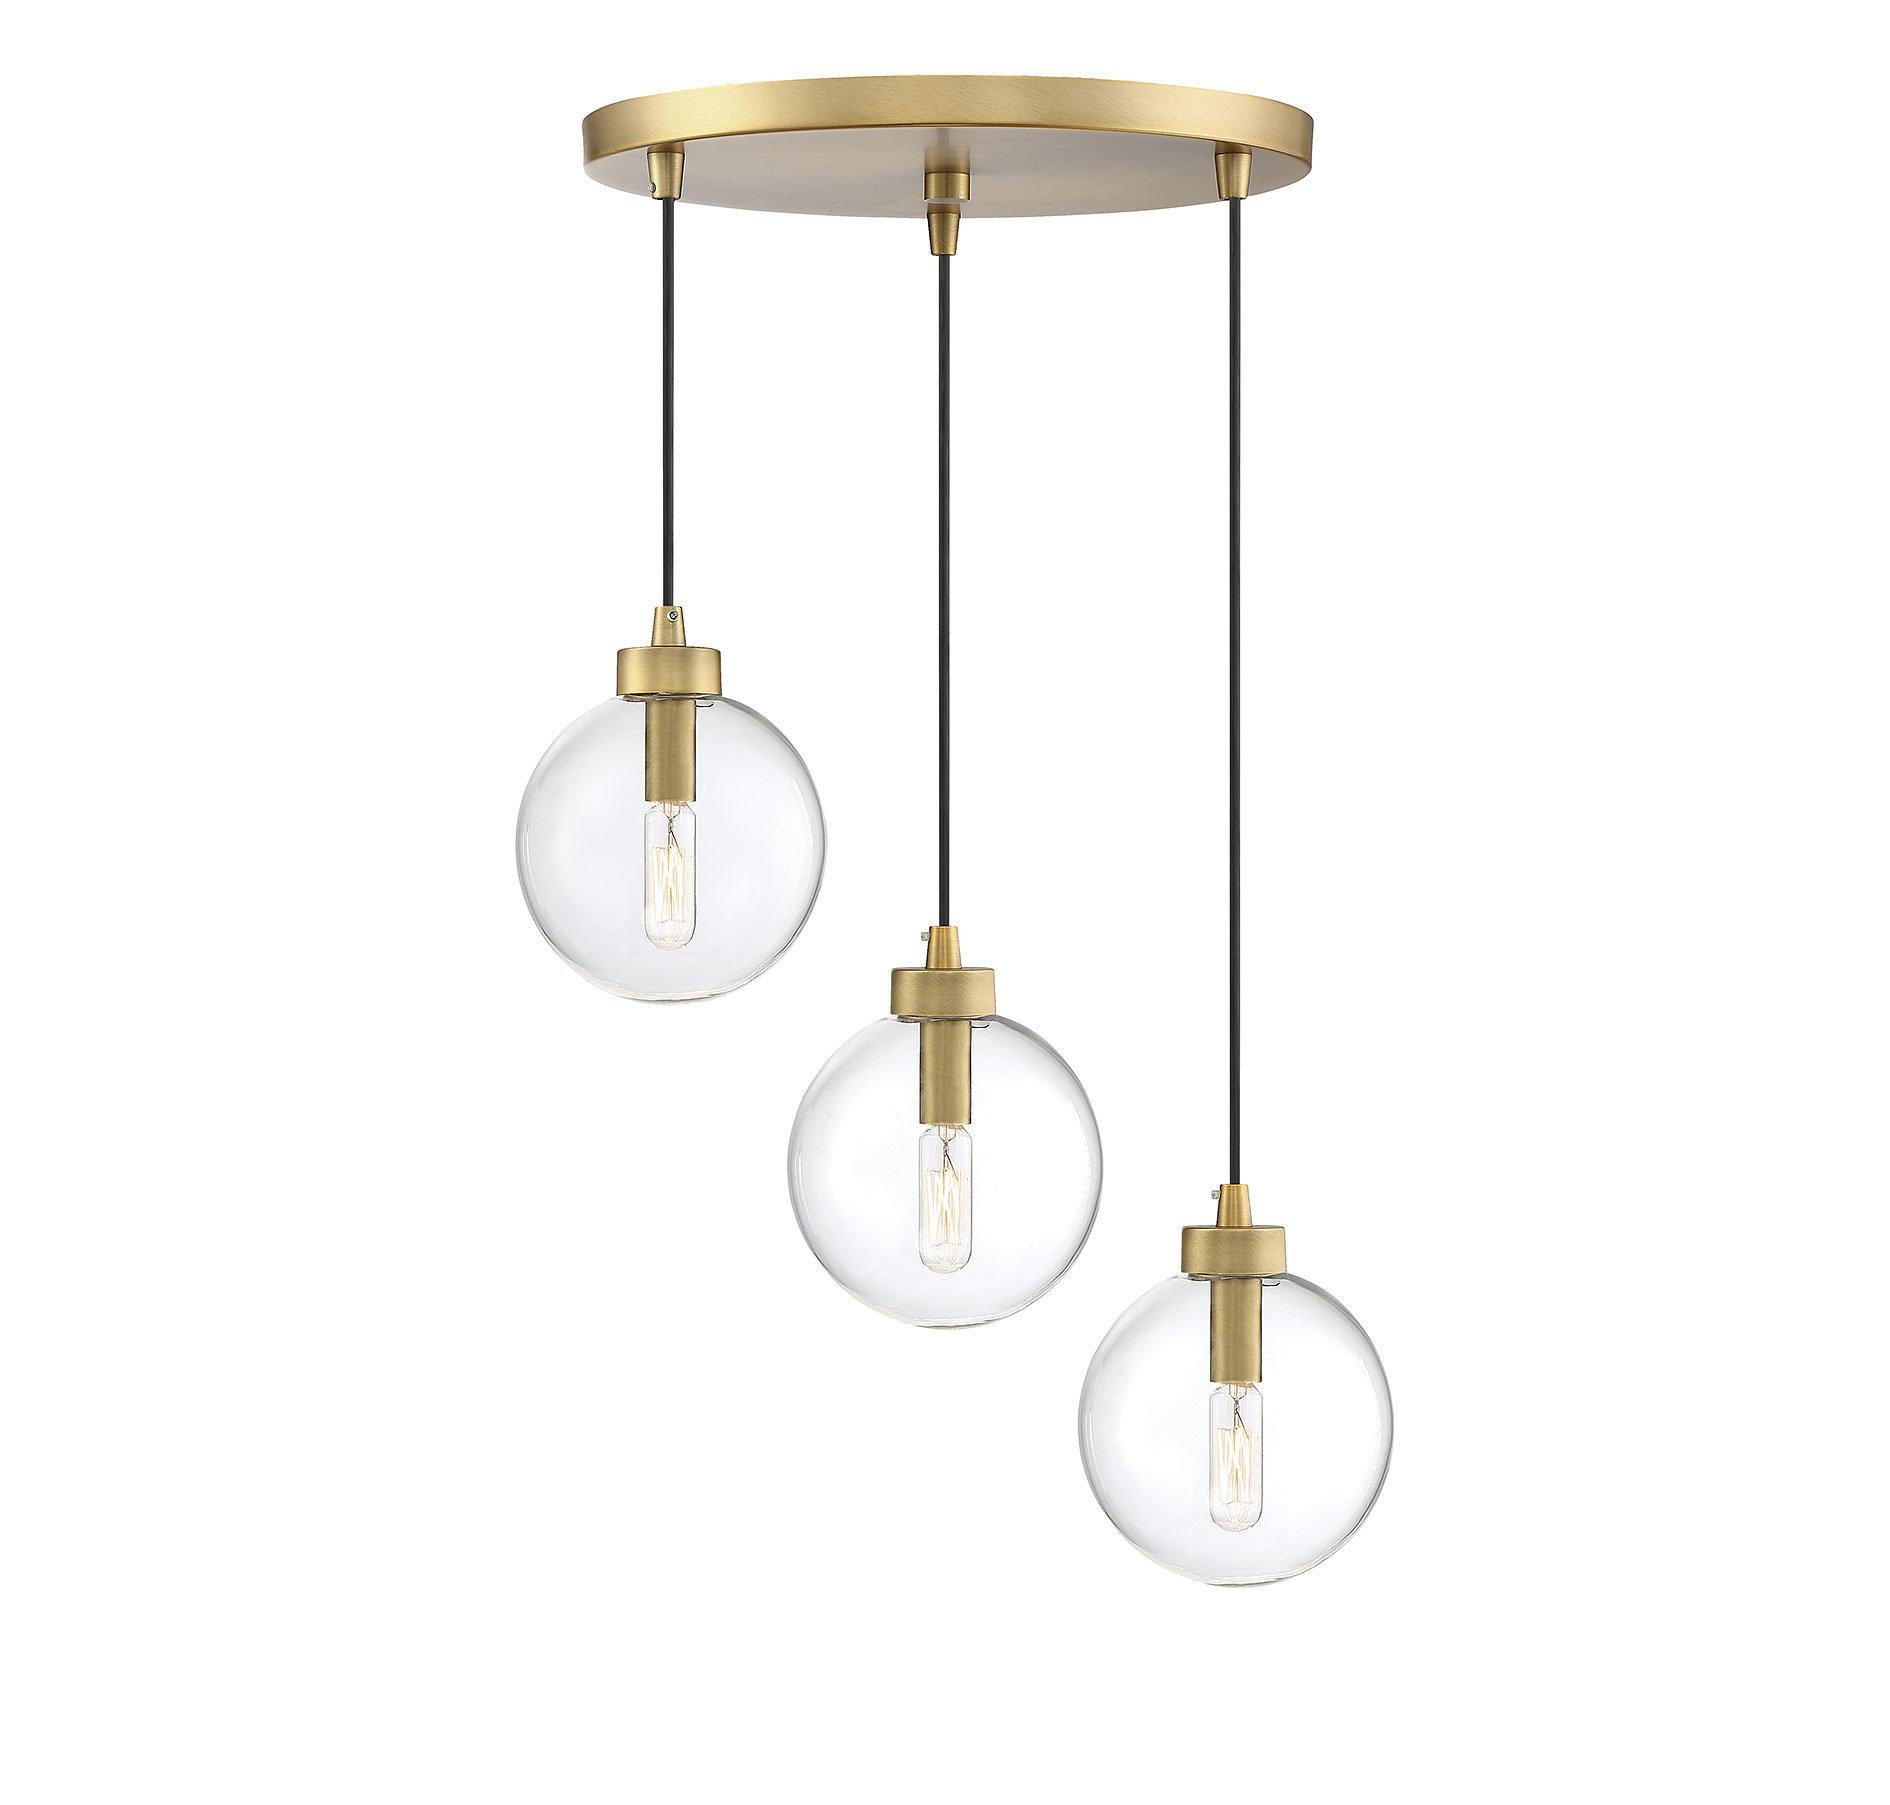 Modern 3 Light Cluster Pendant Lighting | Allmodern with Berenice 3-Light Cluster Teardrop Pendants (Image 14 of 30)